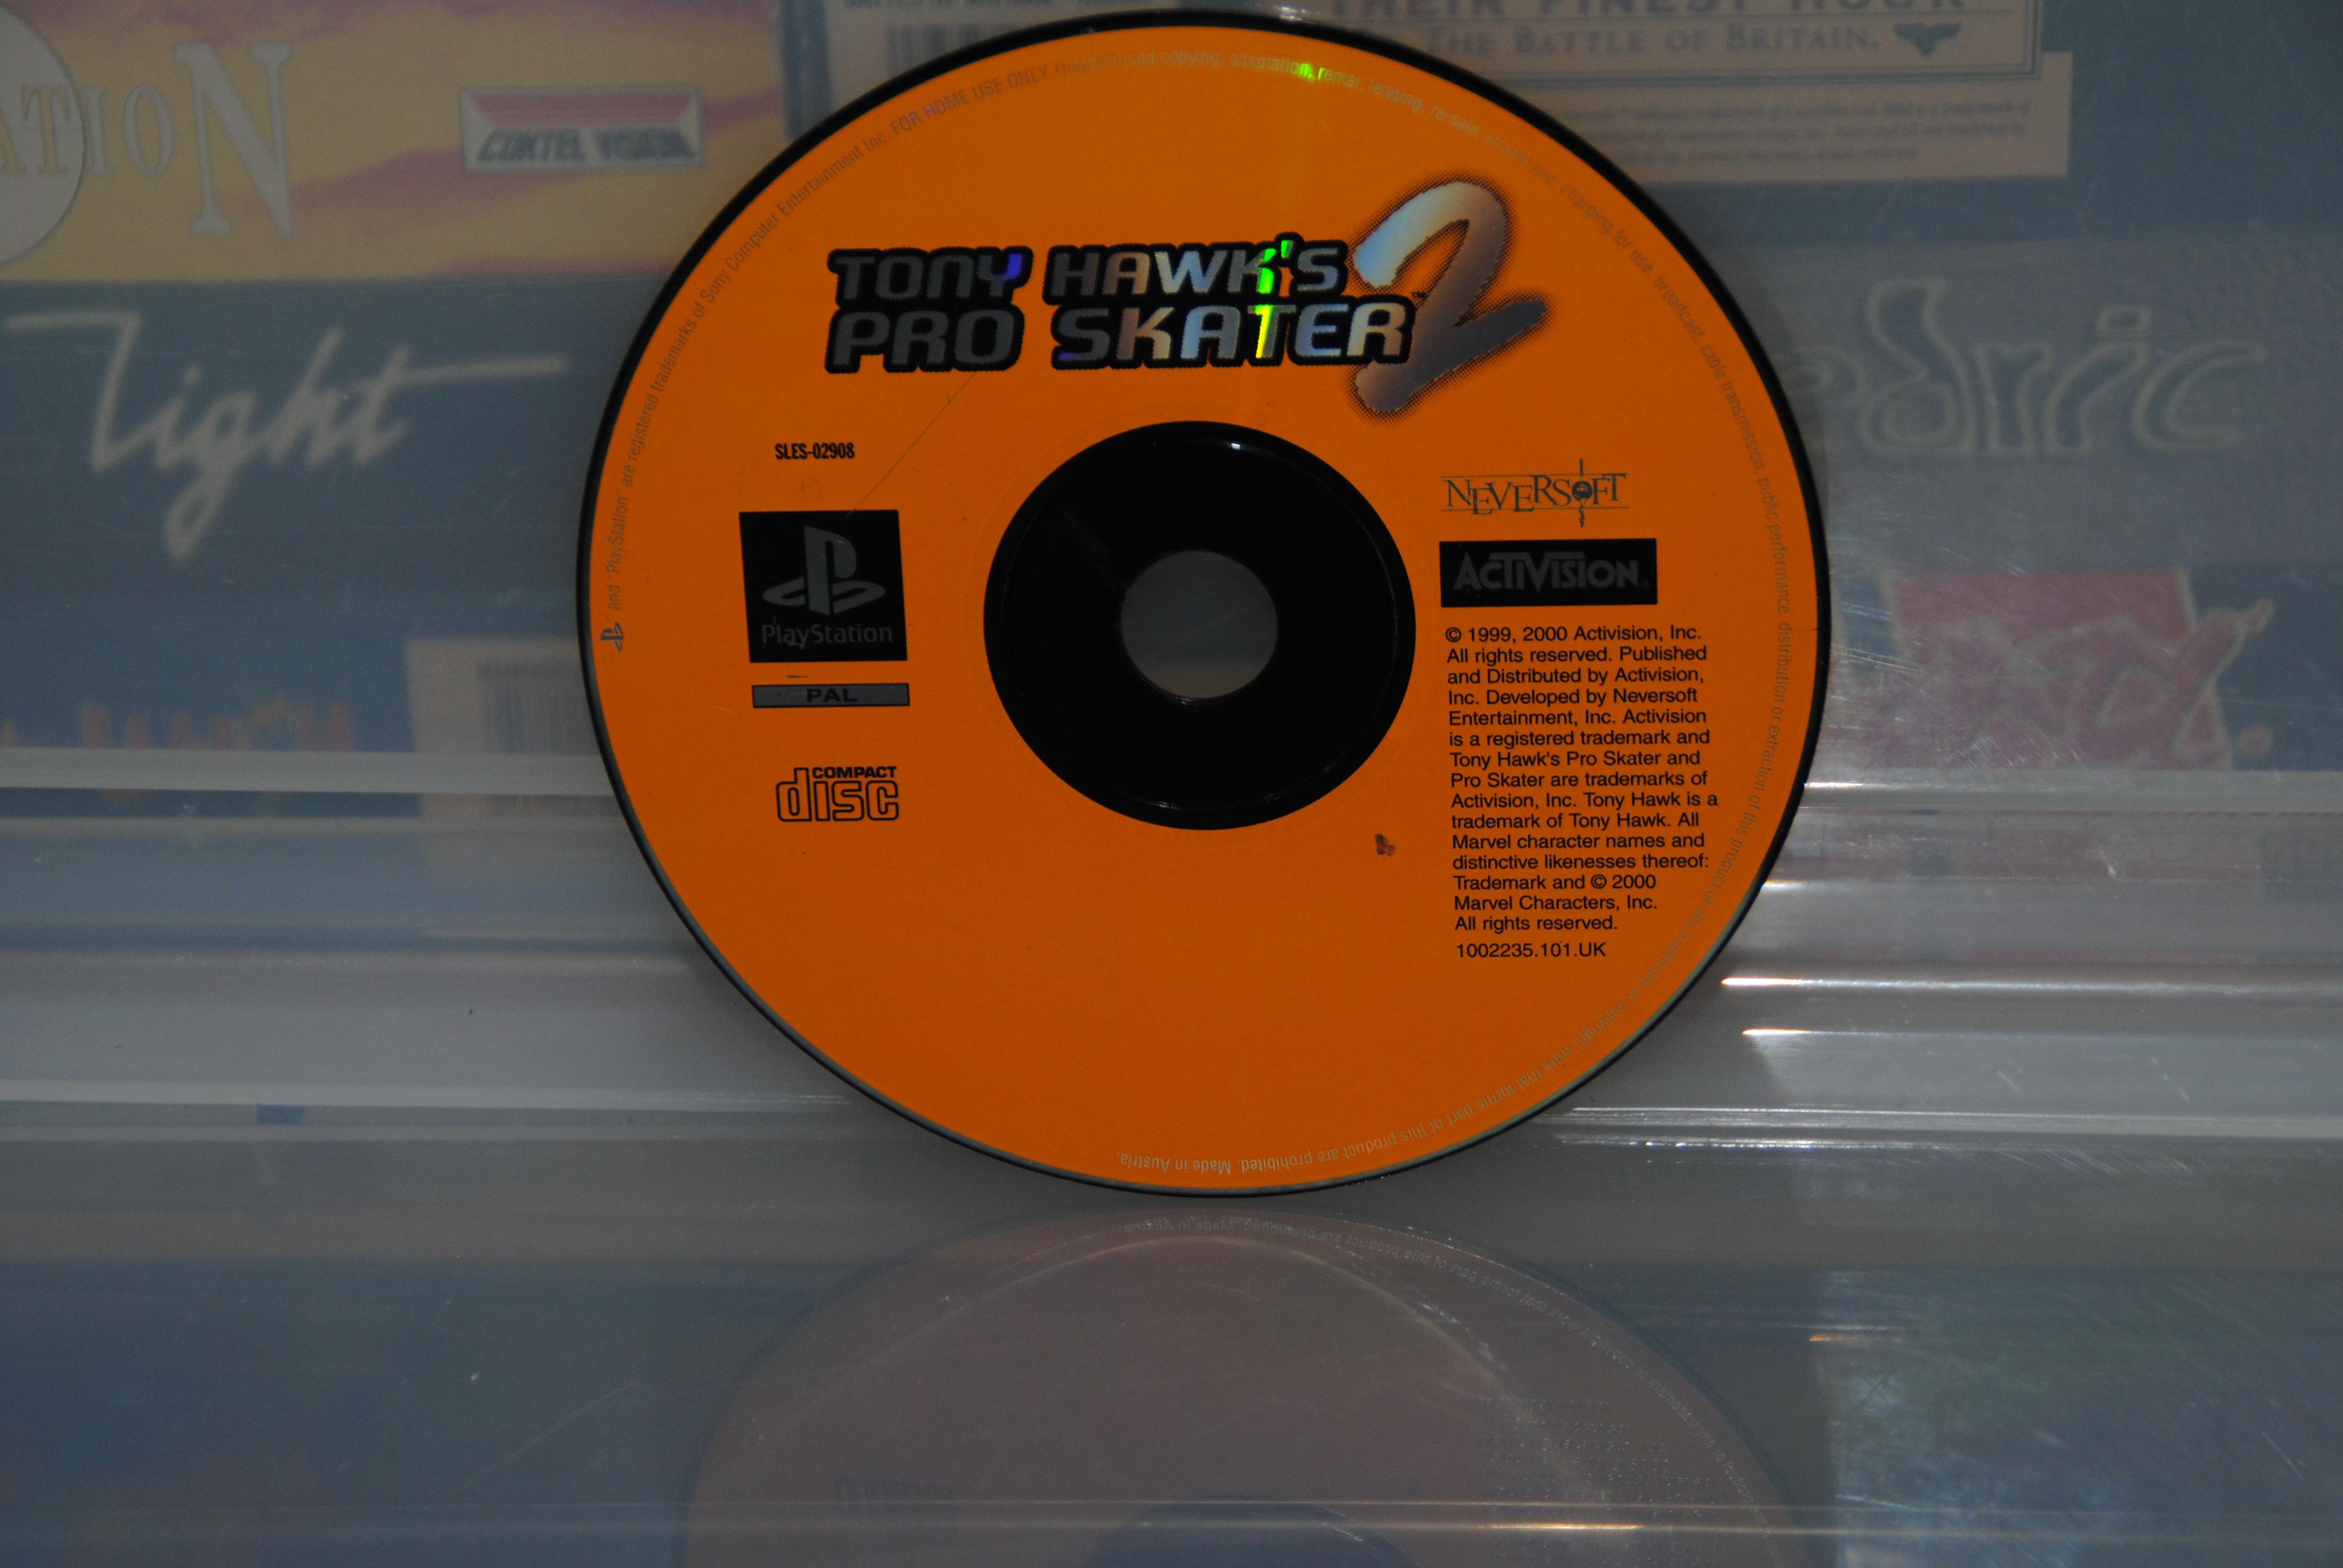 Activision - Tony Hawk Pro Skater 2